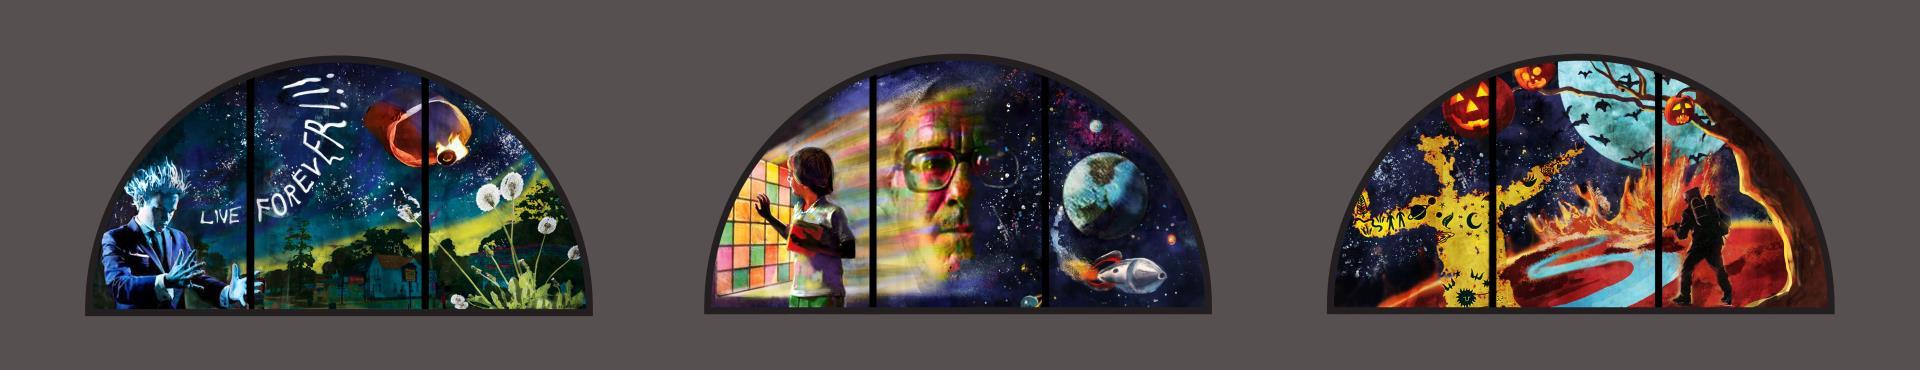 Image of proposed Ray Bradbury window design by Tim Carey